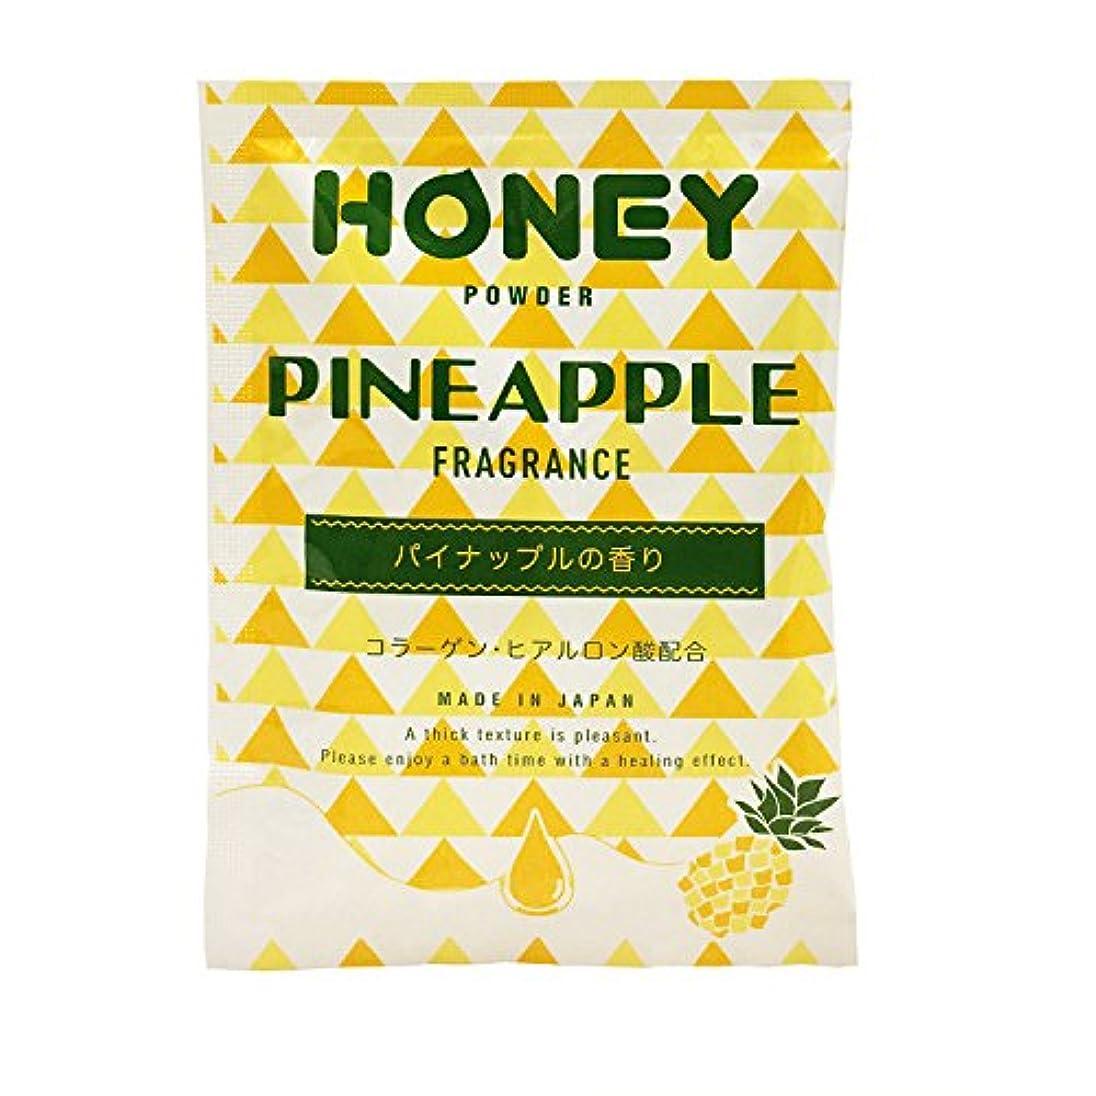 パッドおとうさん目覚めるとろとろ入浴剤【honey powder】(ハニーパウダー) パイナップルの香り 粉末タイプ ローション